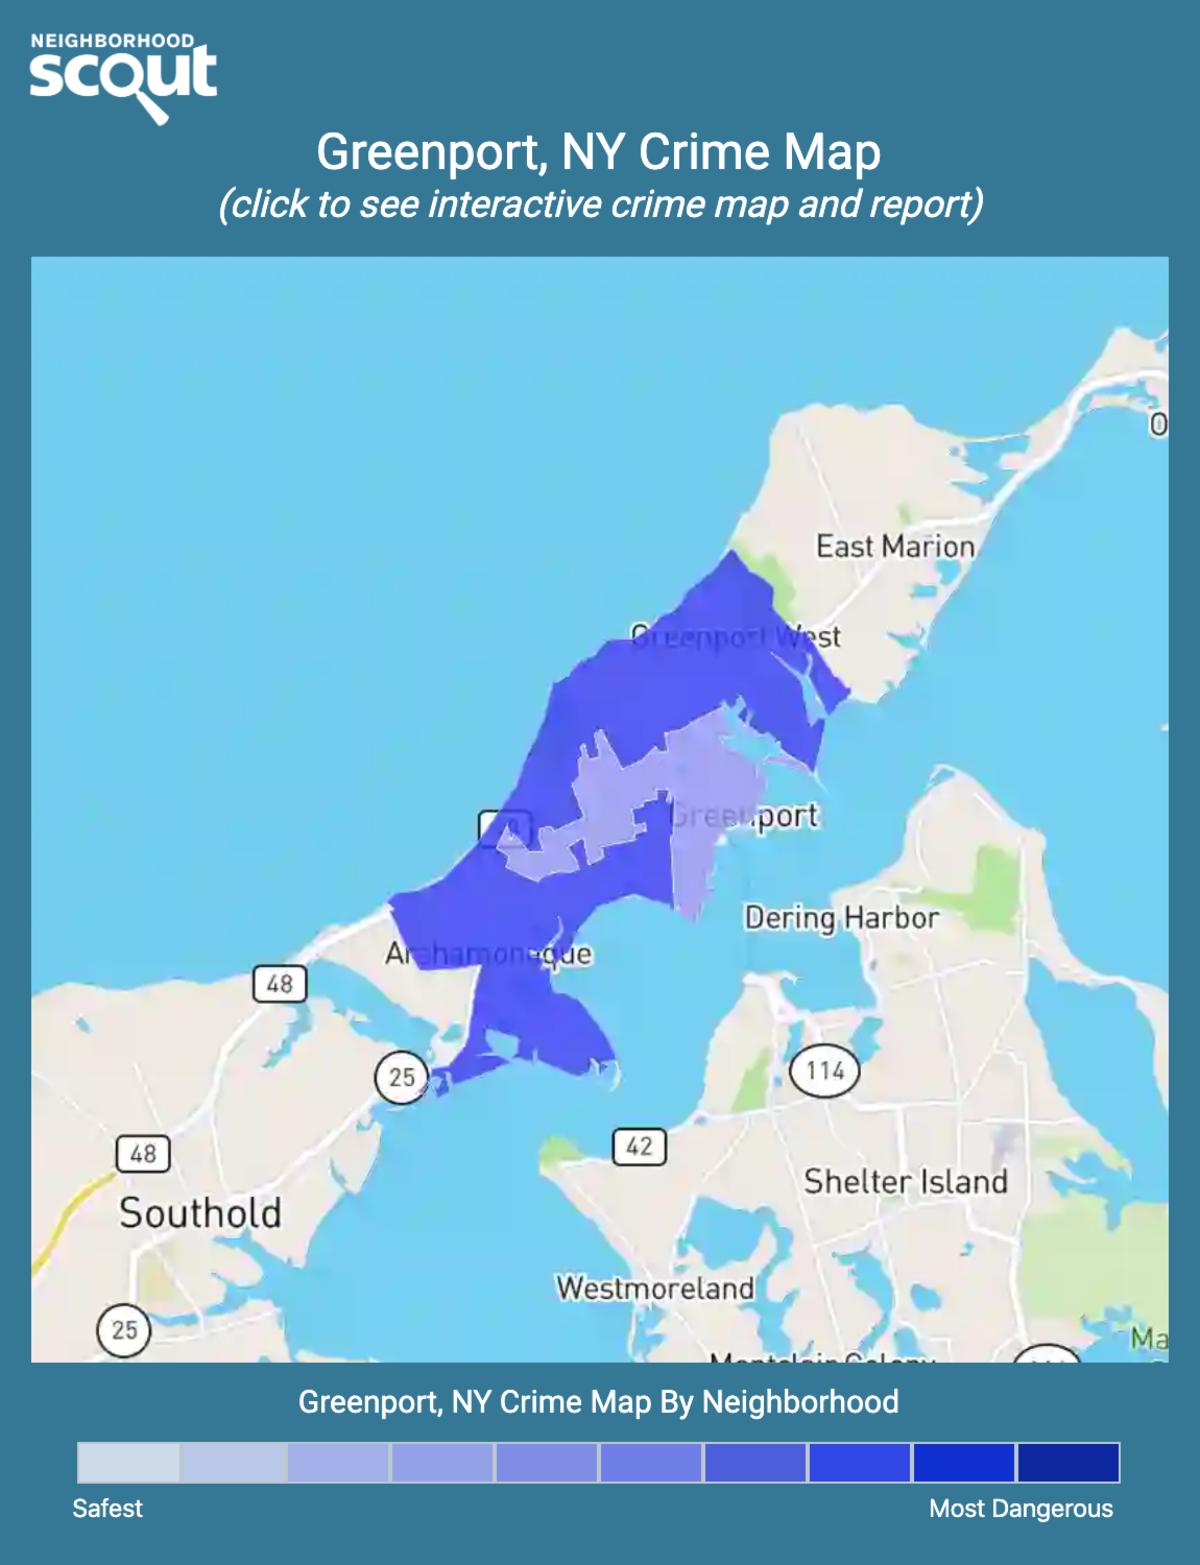 Greenport, New York crime map